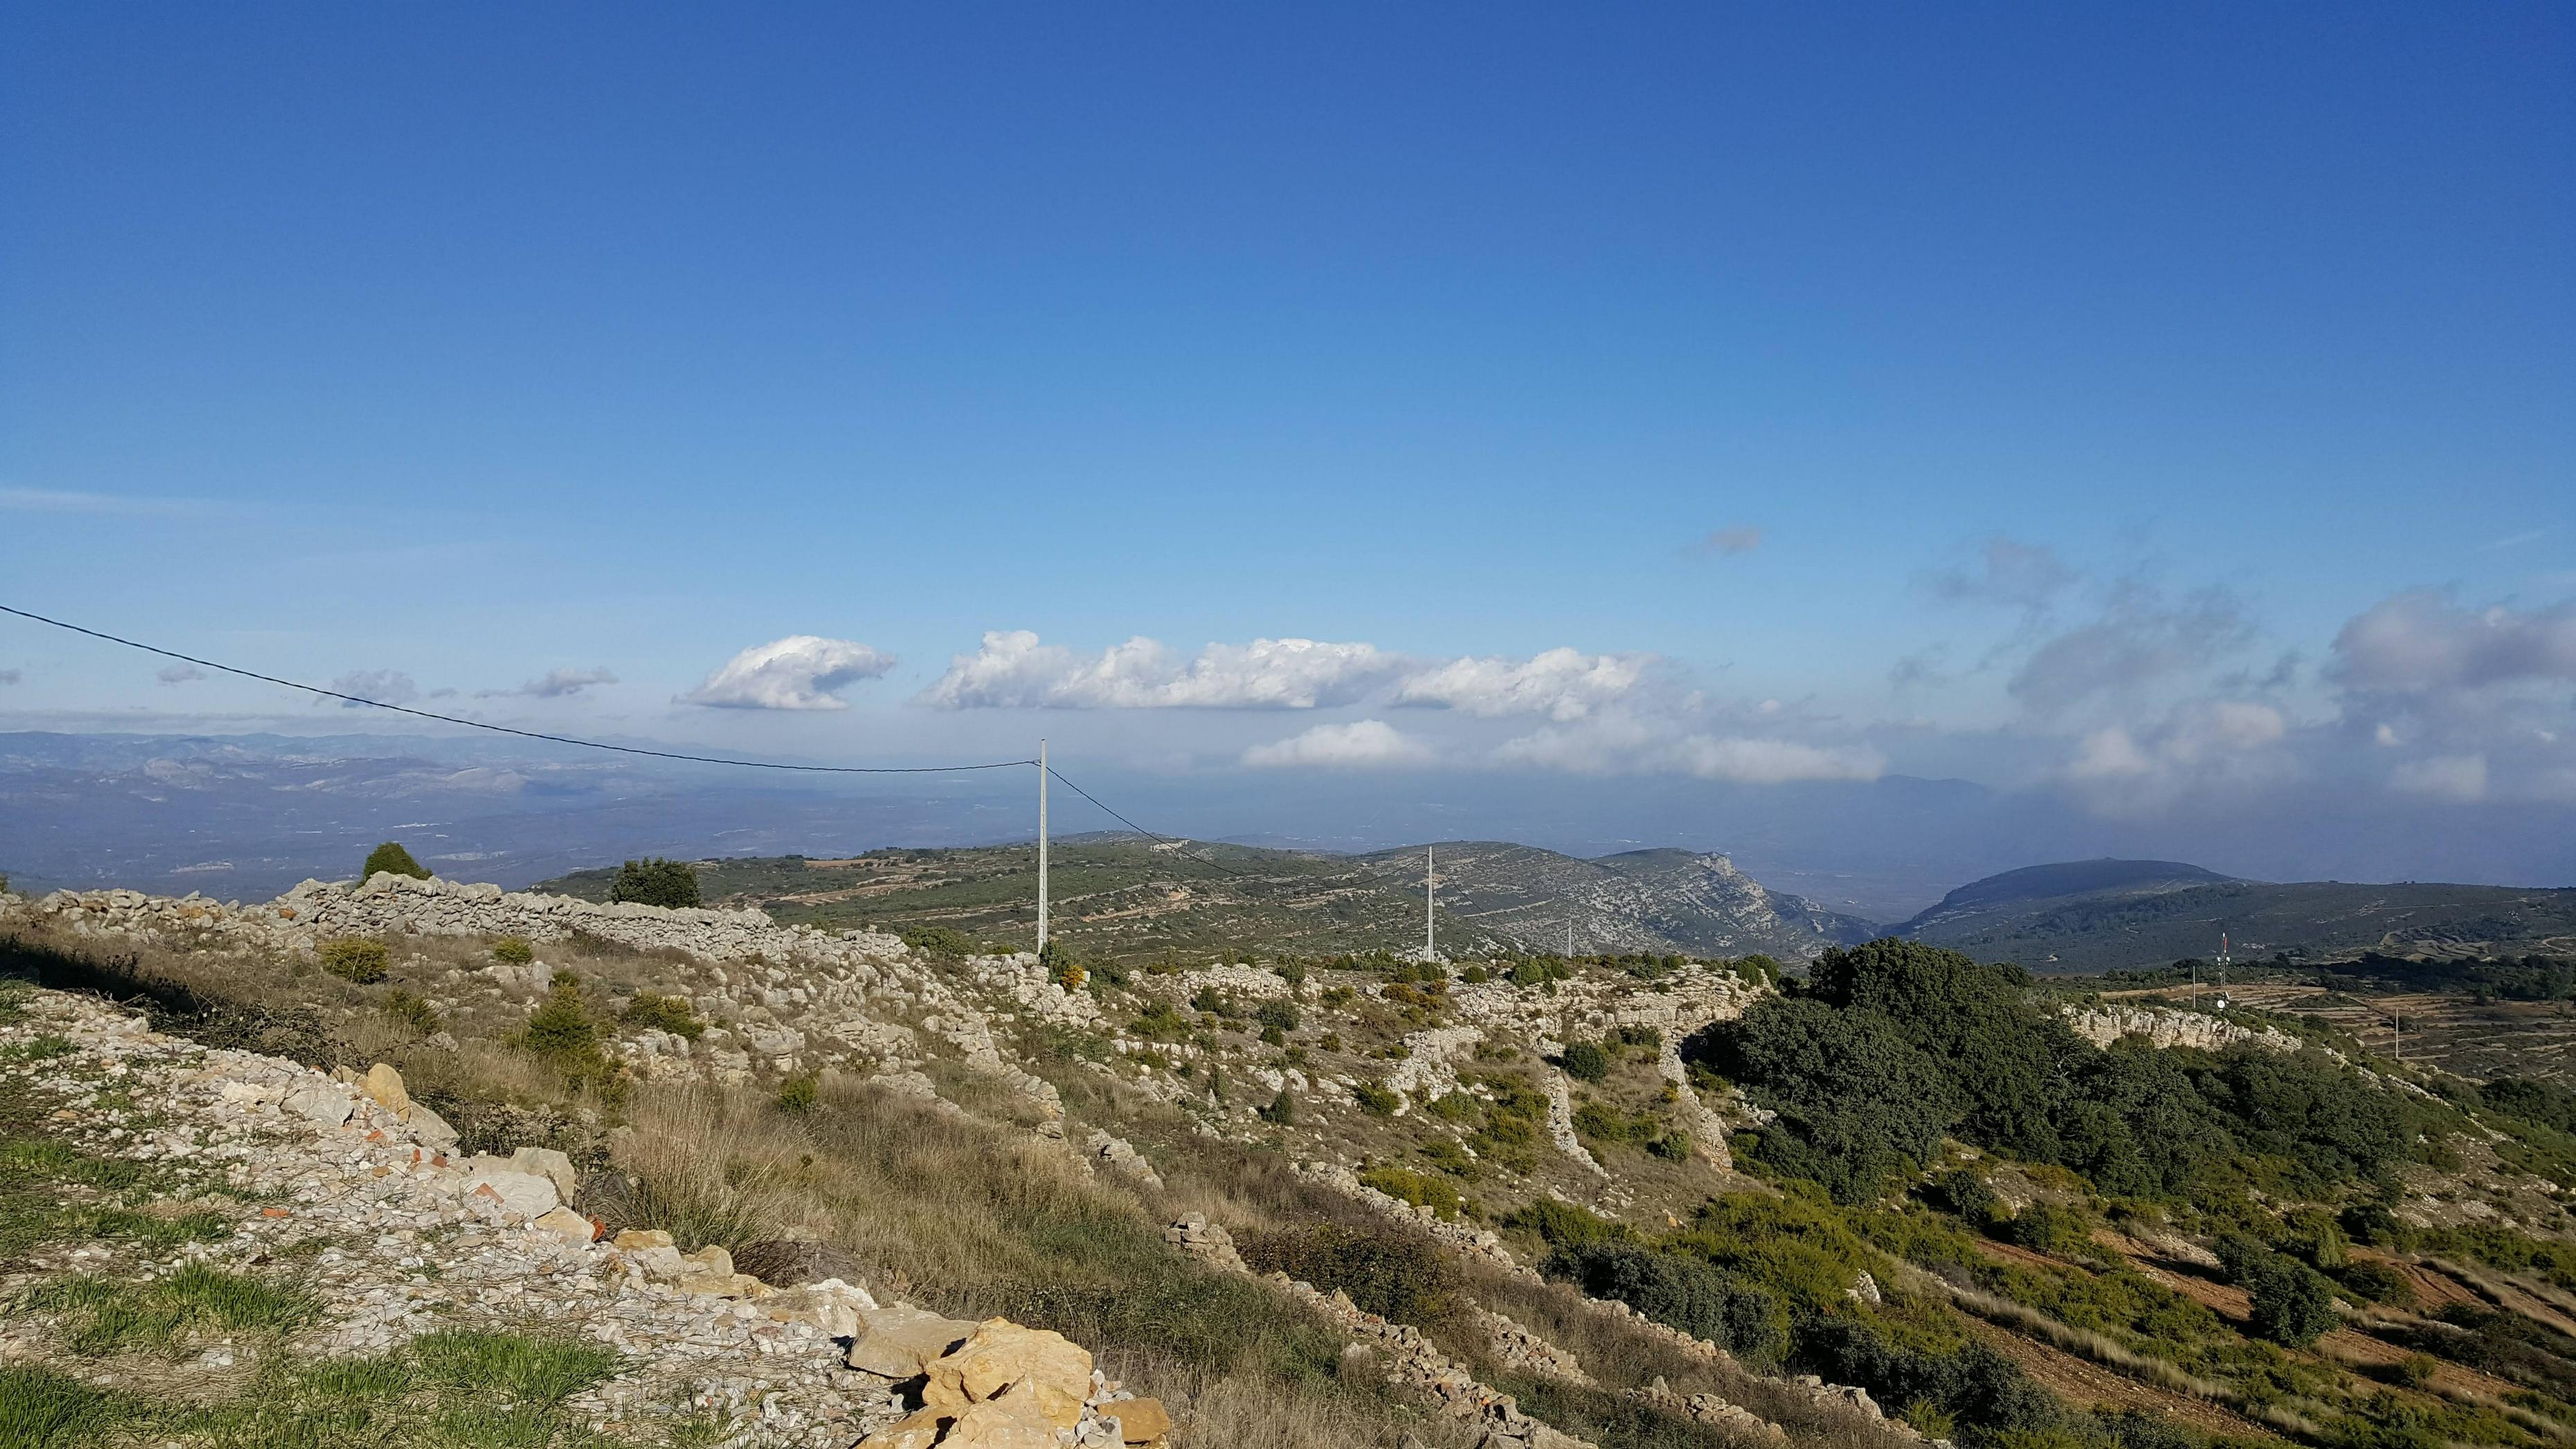 Ook de klim naar Serratella levert fraaie plaatjes op (Foto: Panoramio)